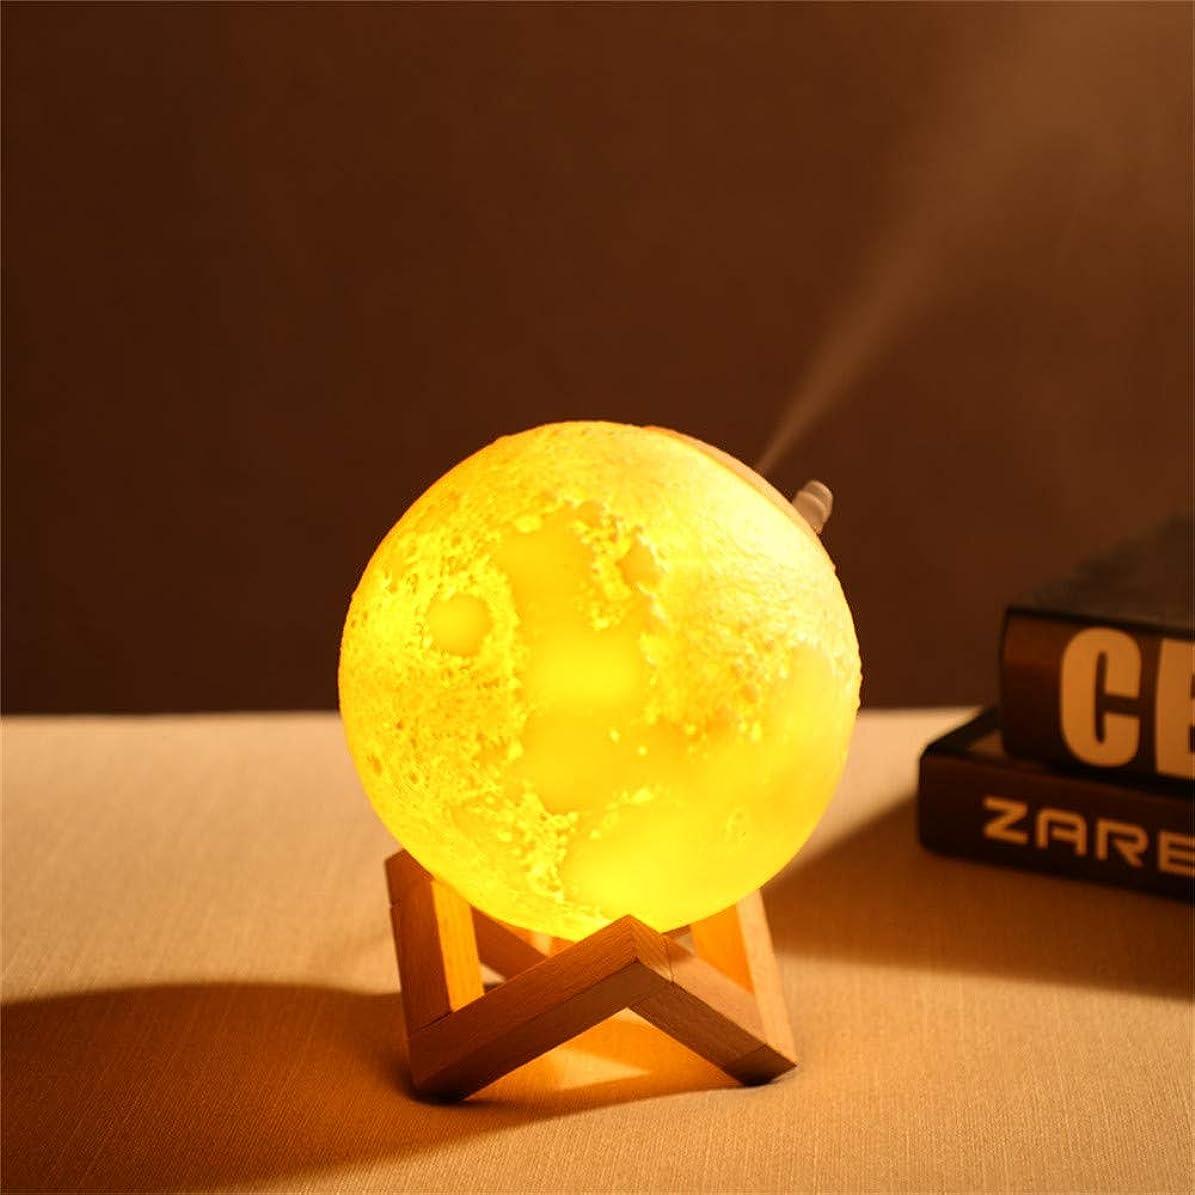 パイルキャリッジ預言者Essential Oil Diffuser 3D Moon Lamp Ultrasonic Cool Mist Aroma Diffuser Multifunctional Waterless Auto Shut-Off Night Light Humidifiers Room Decor Lighting (White) 141[並行輸入]